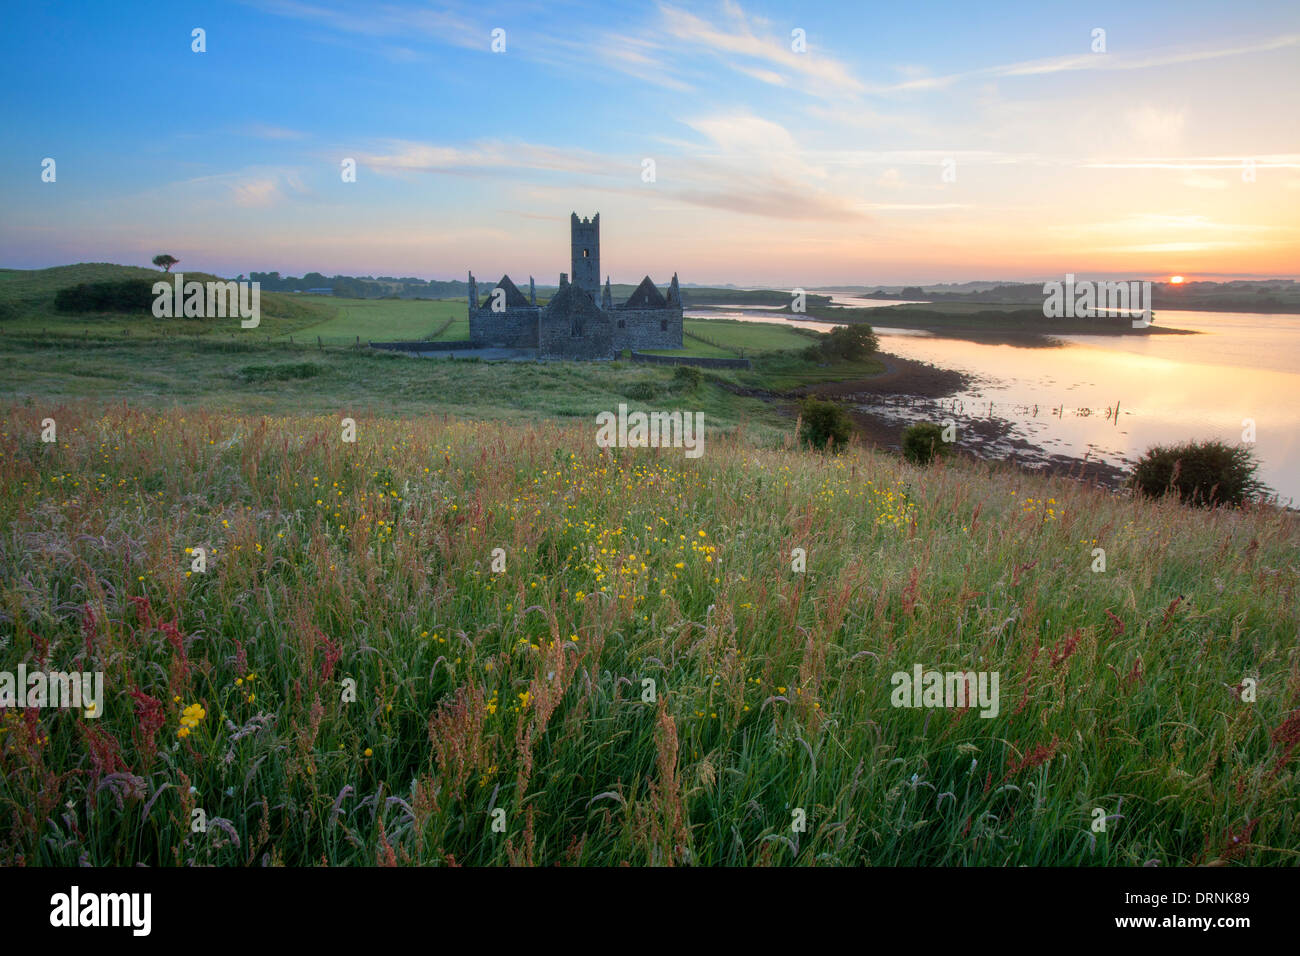 Amanecer en verano Rosserk Abbey, el Río Moy, en el condado de Mayo, Irlanda. Imagen De Stock